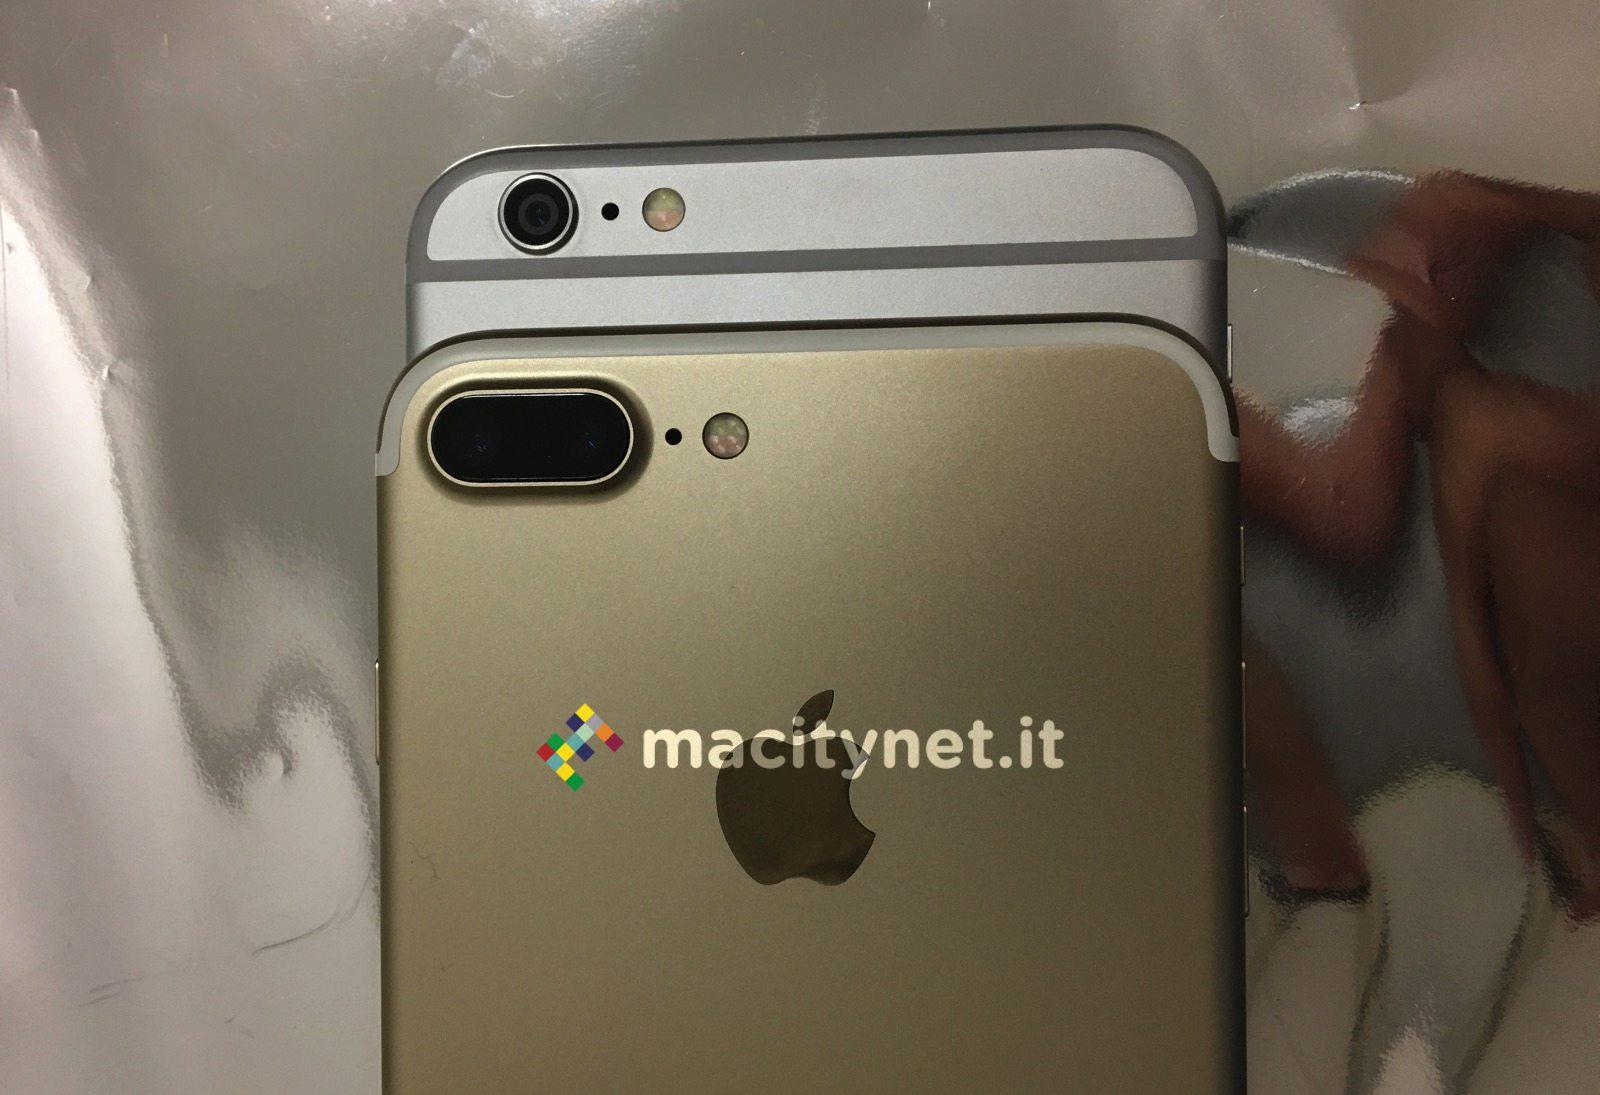 Sostituzione gruppo pulsante home dell'iPhone 6s